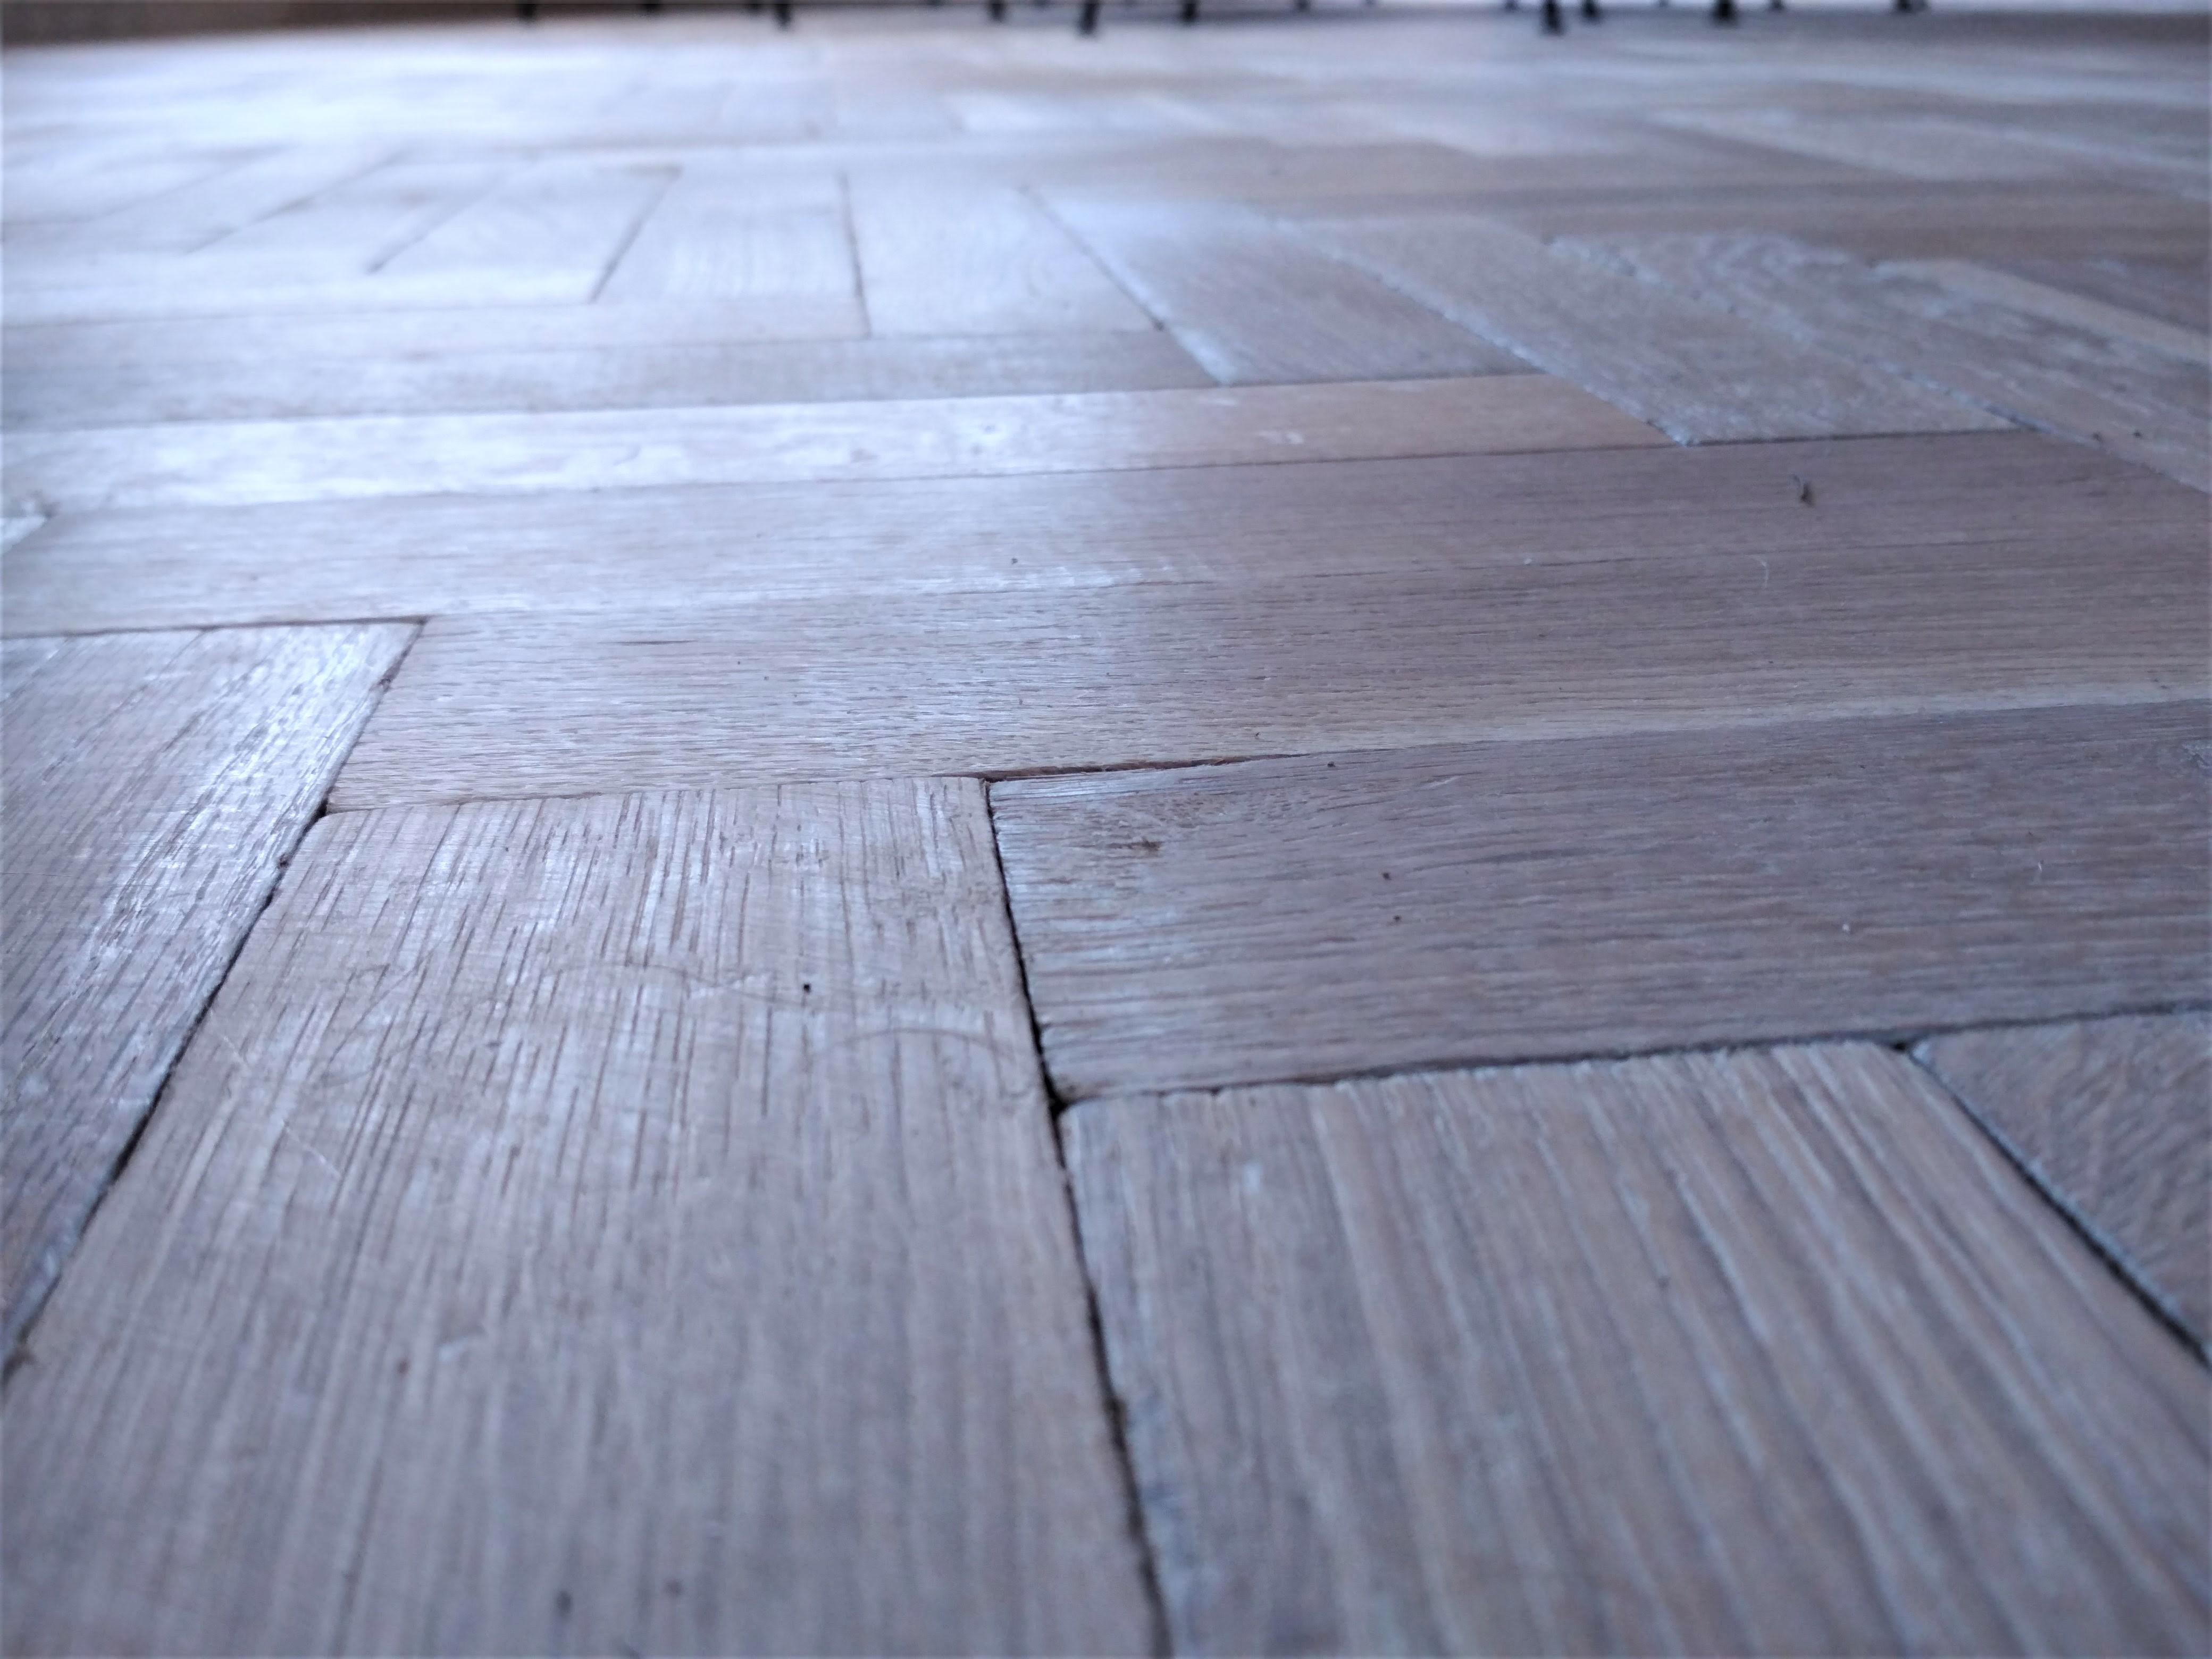 Massief Visgraat Parket : Industriële eiken visgraat massief parketvloeren houten vloeren